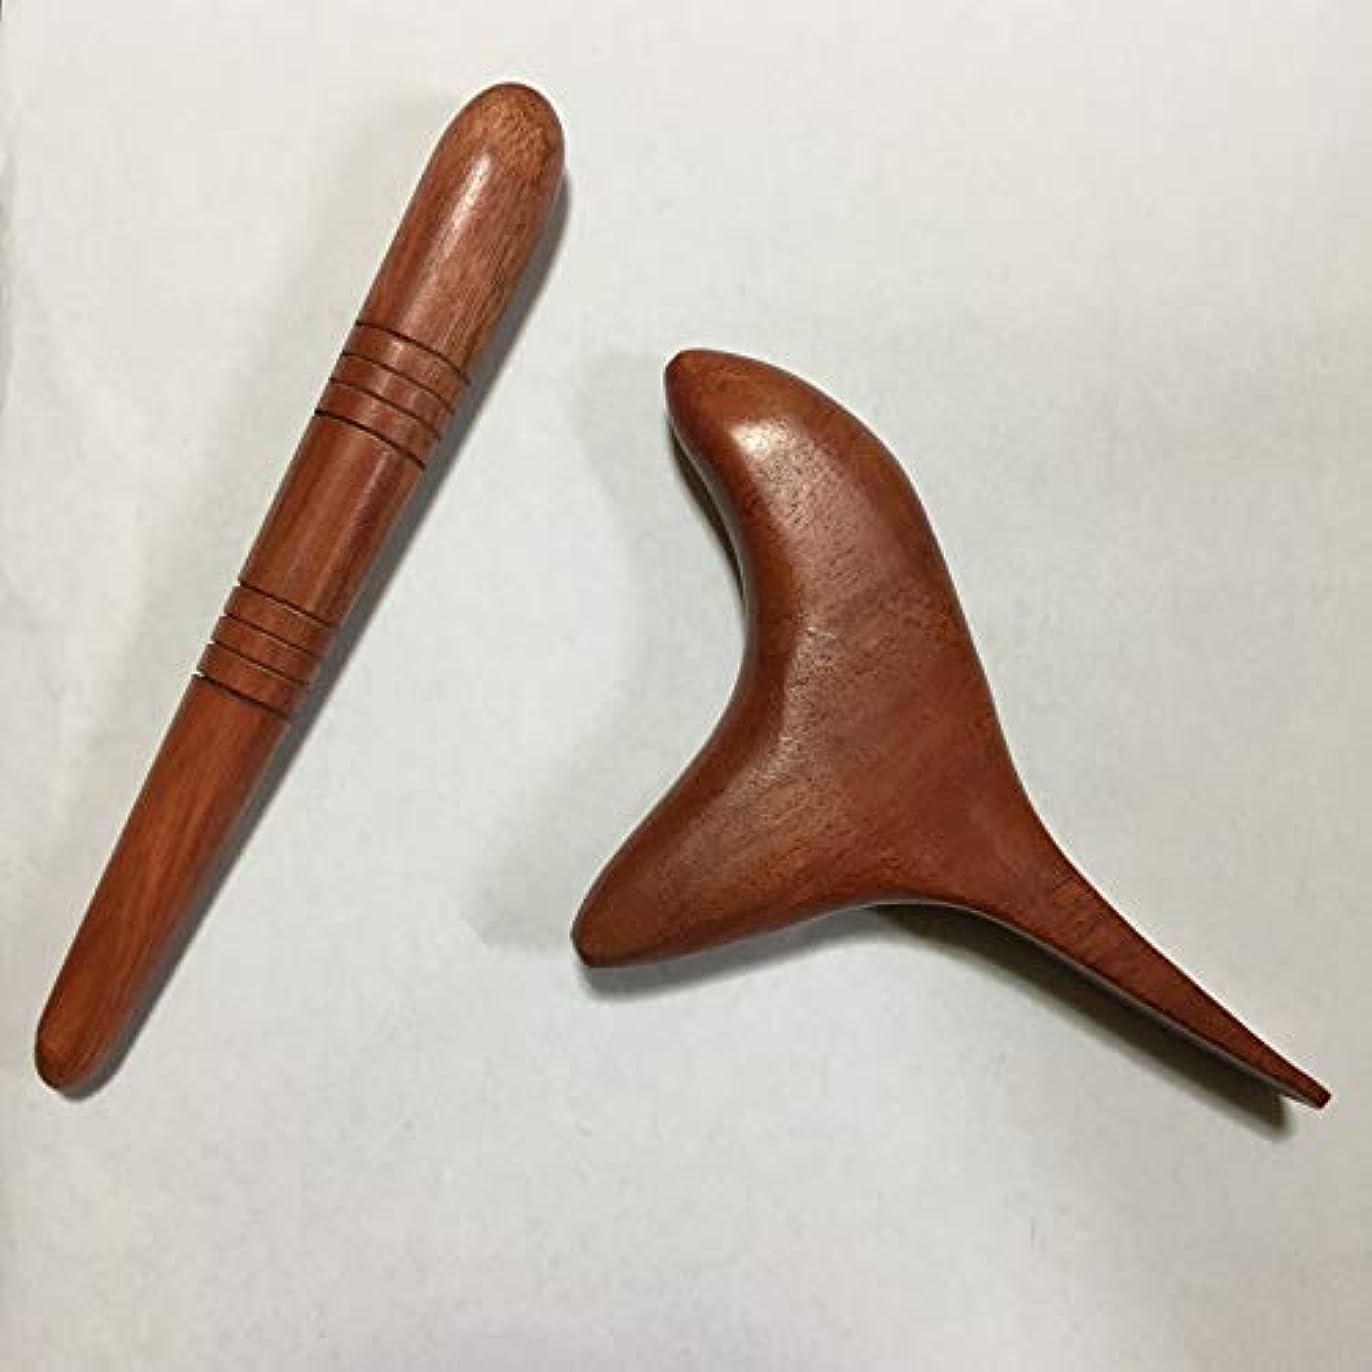 特に始めるキャリア天然木 オカリナ型 (鳥型)ツボ押し棒 + 棒型 2点セット マッサージ棒 フットマッサージ リフレクソロジー セルフマッサージ (1)